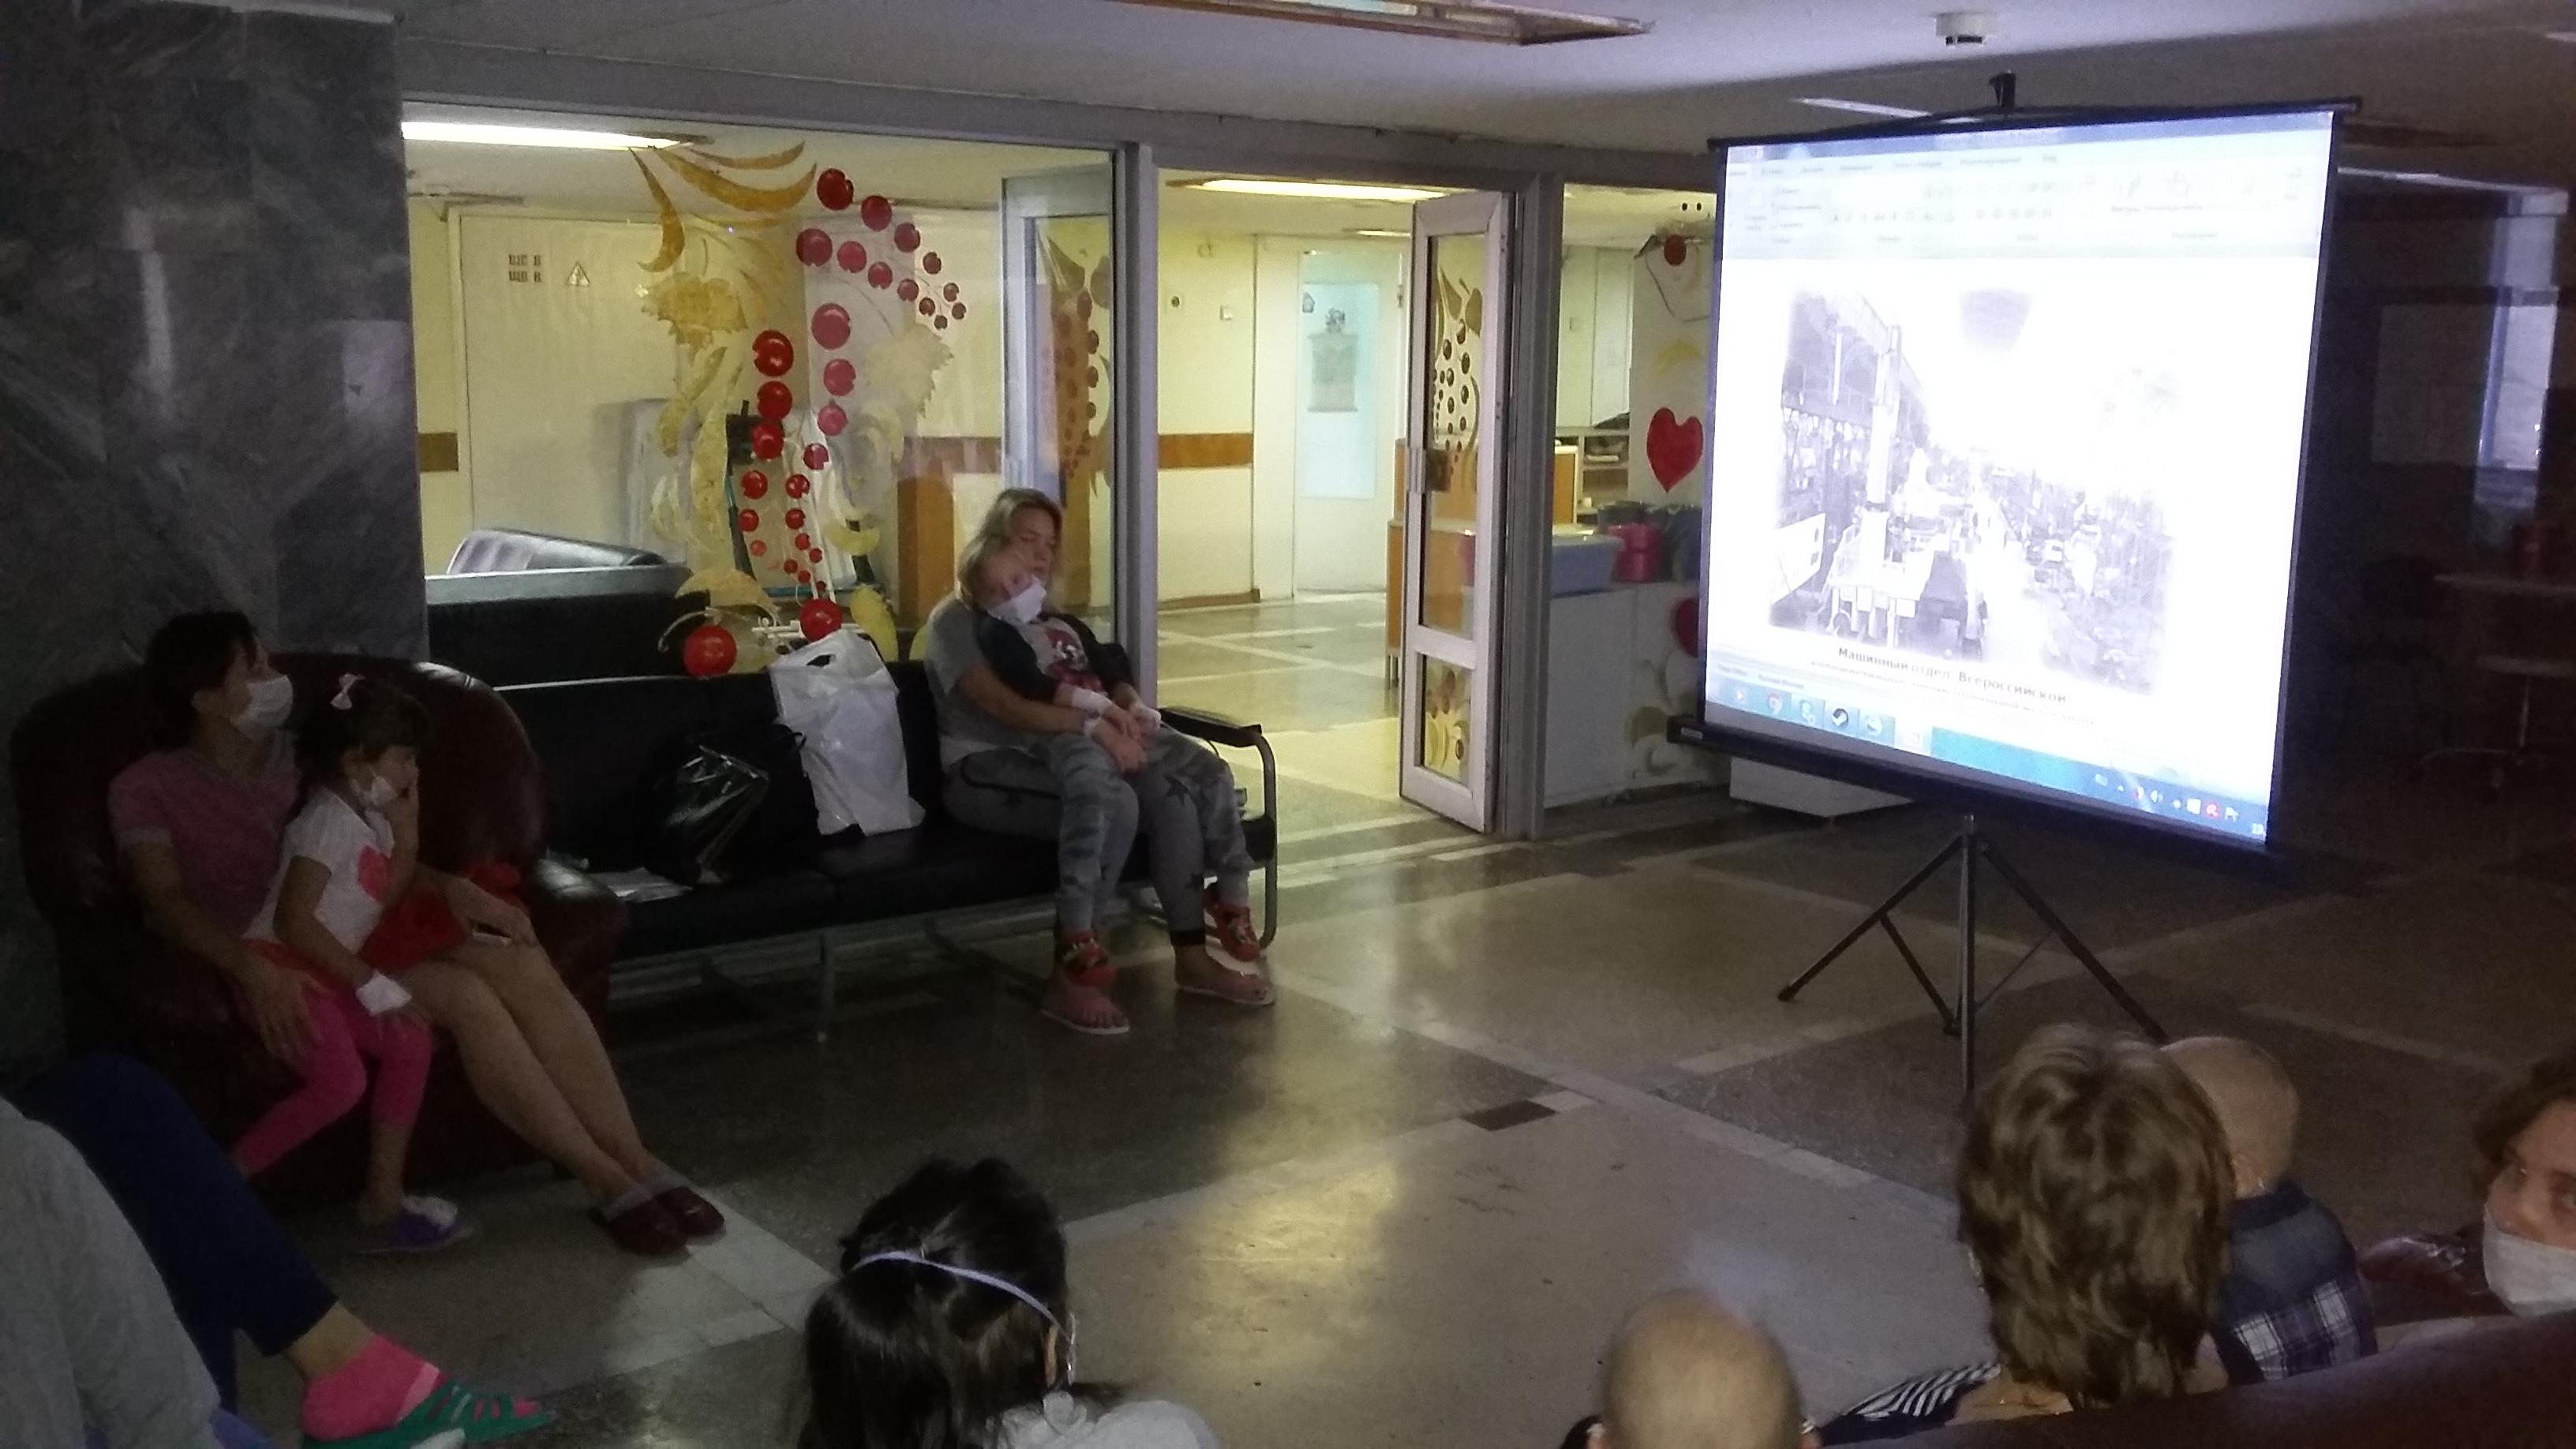 Виртуальная экскурсия по Нижнему Новгороду для подопечных в онкологическом и гематологическом отделениях